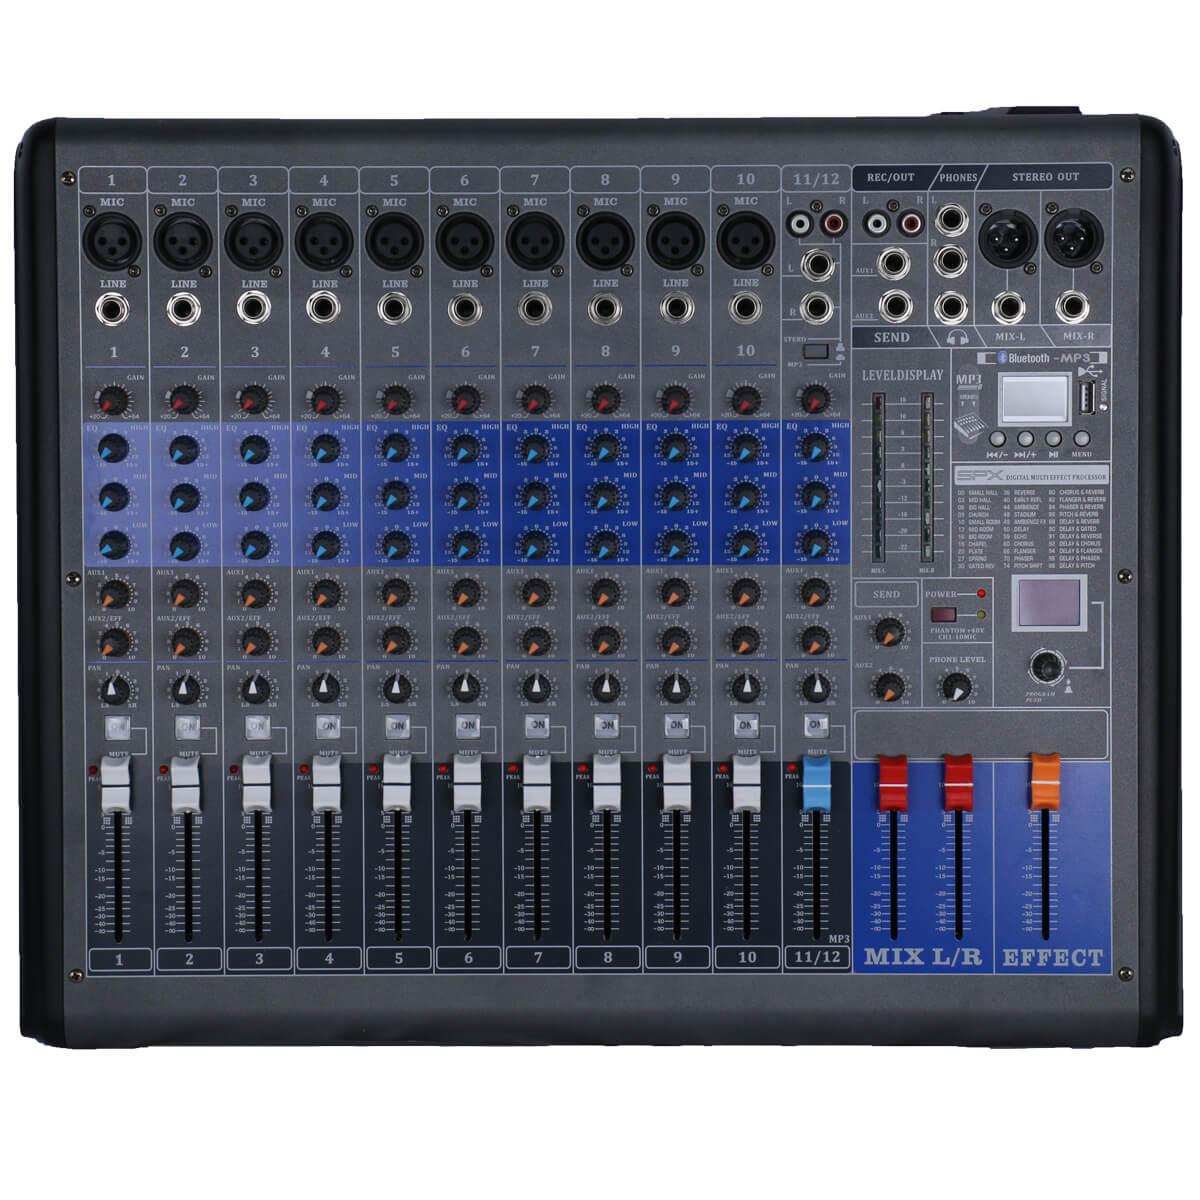 المهنية جهاز مزج الصوت 12 قناة خلط وحدة التحكم الرقمية 256 DSP استوديو كارت الصوت مع واجهة بلوتوث USB